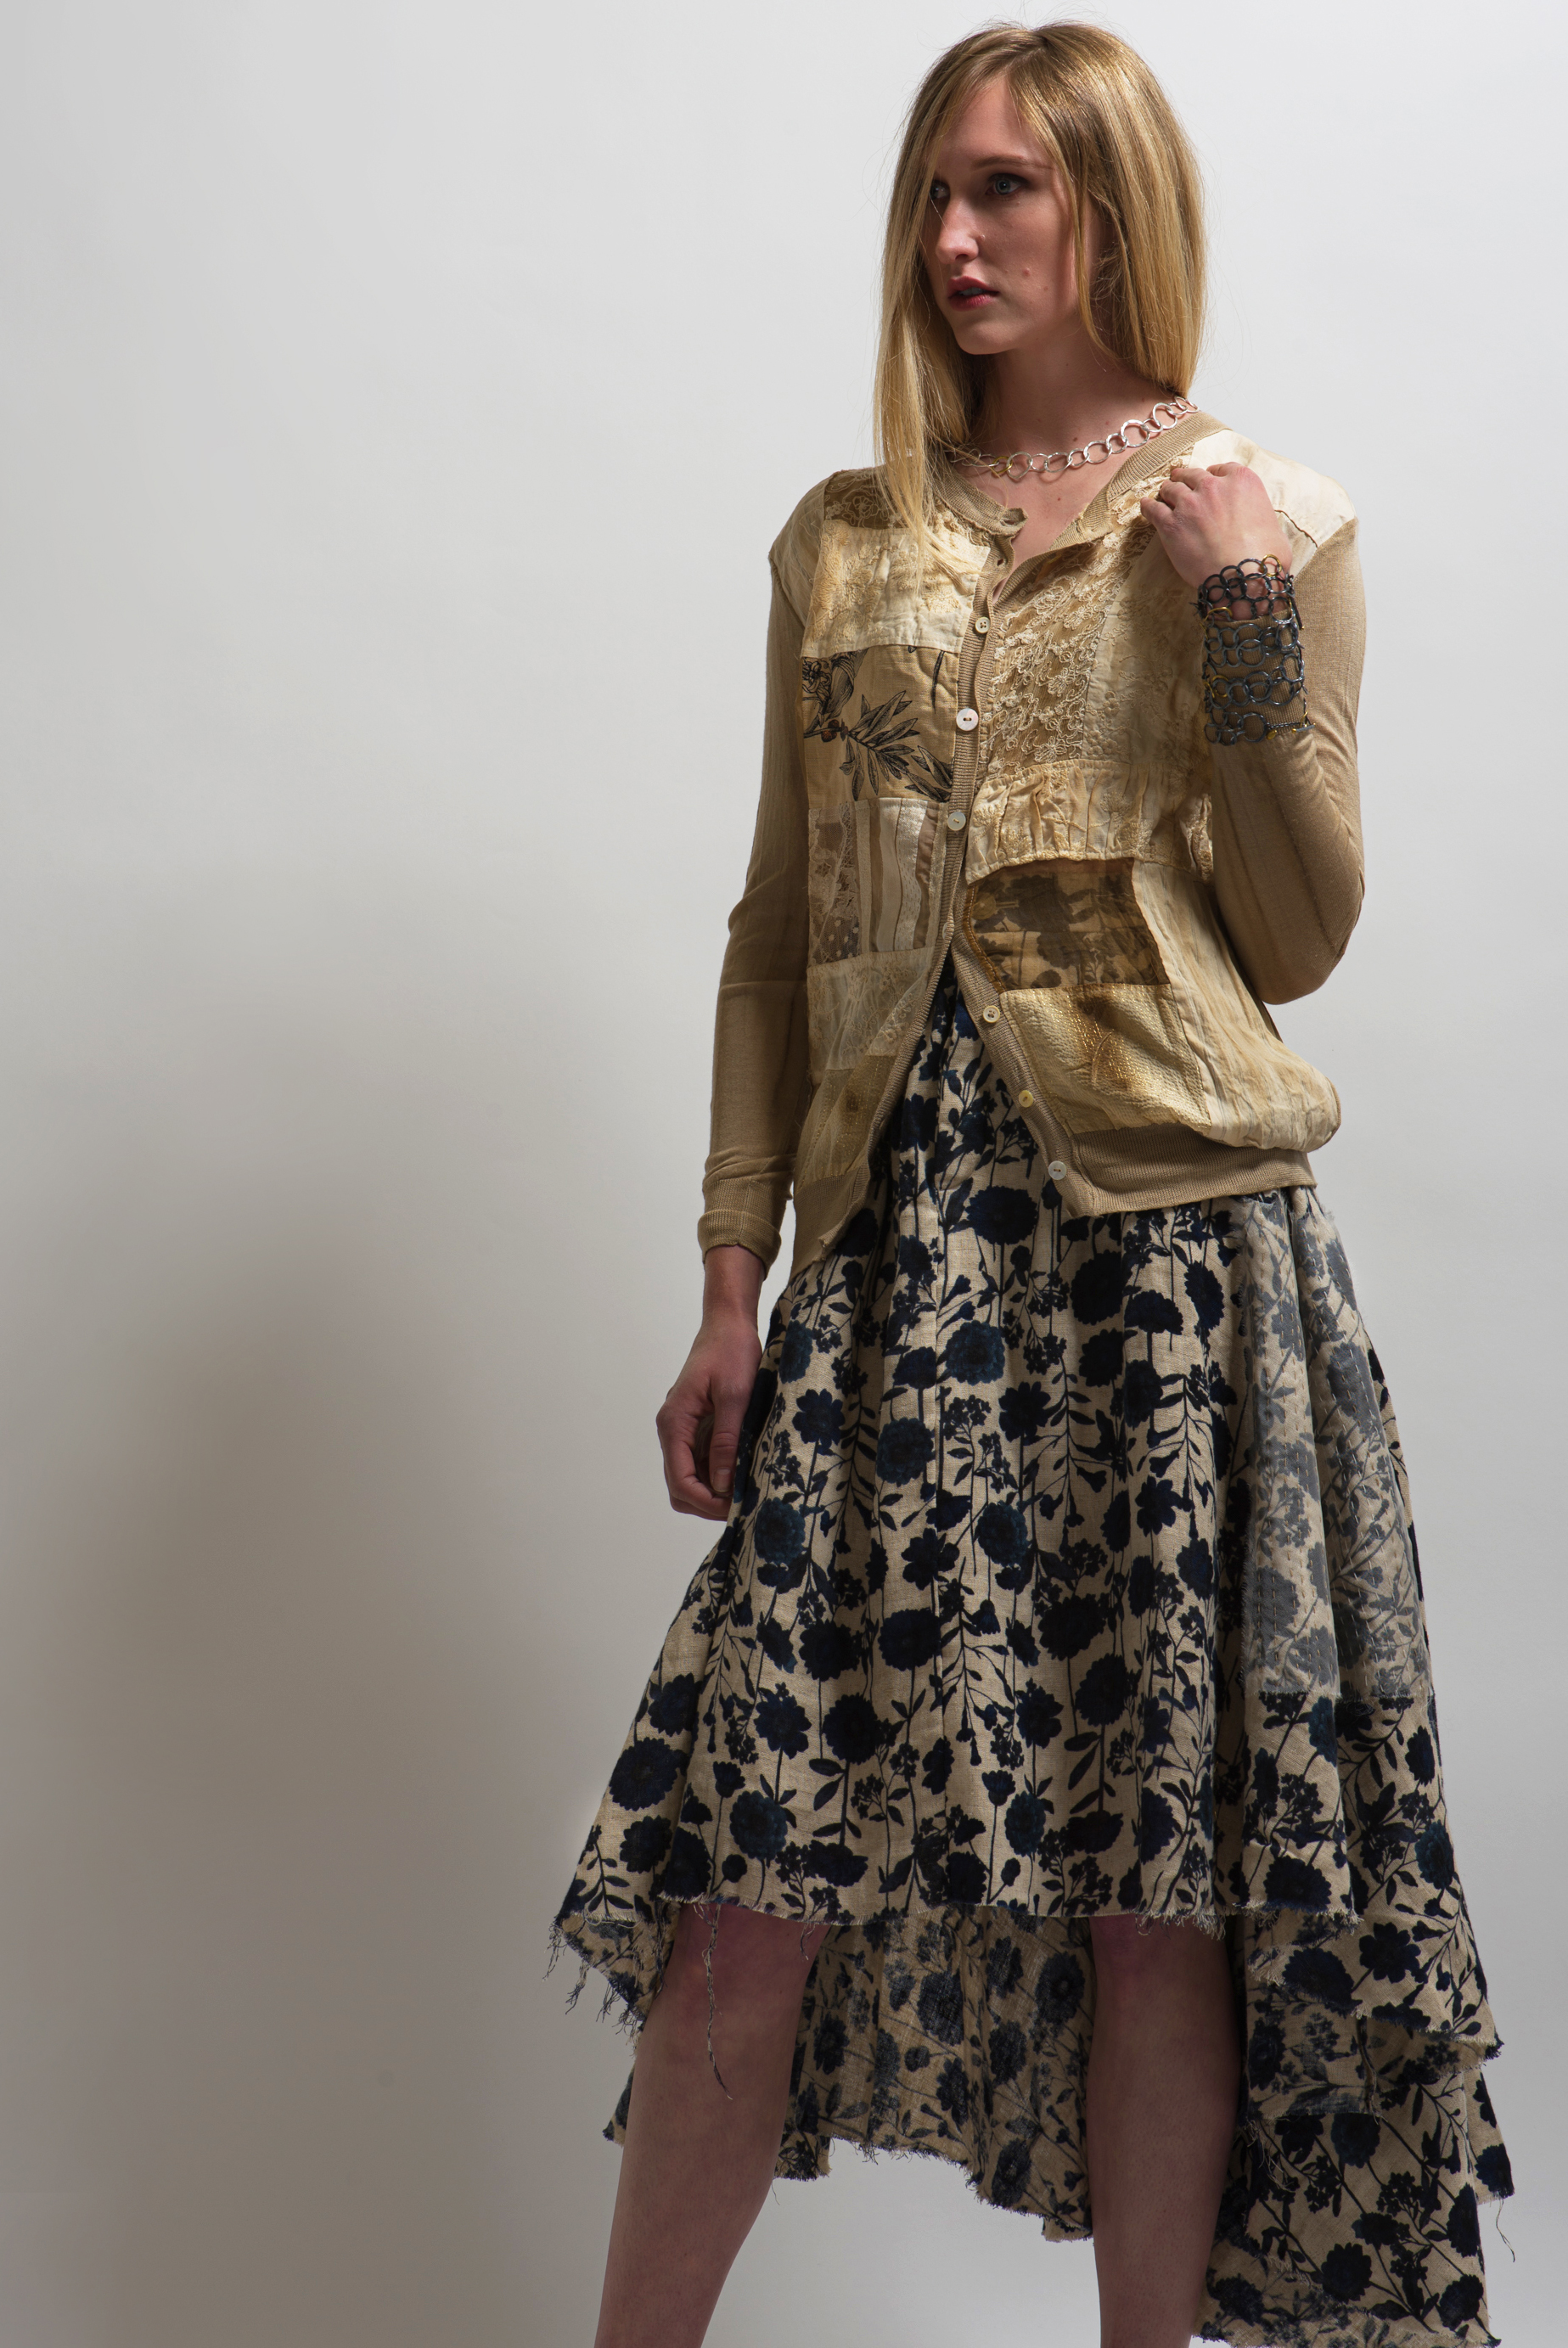 A Tentative Atelier Galsworthy Skirt in Beige